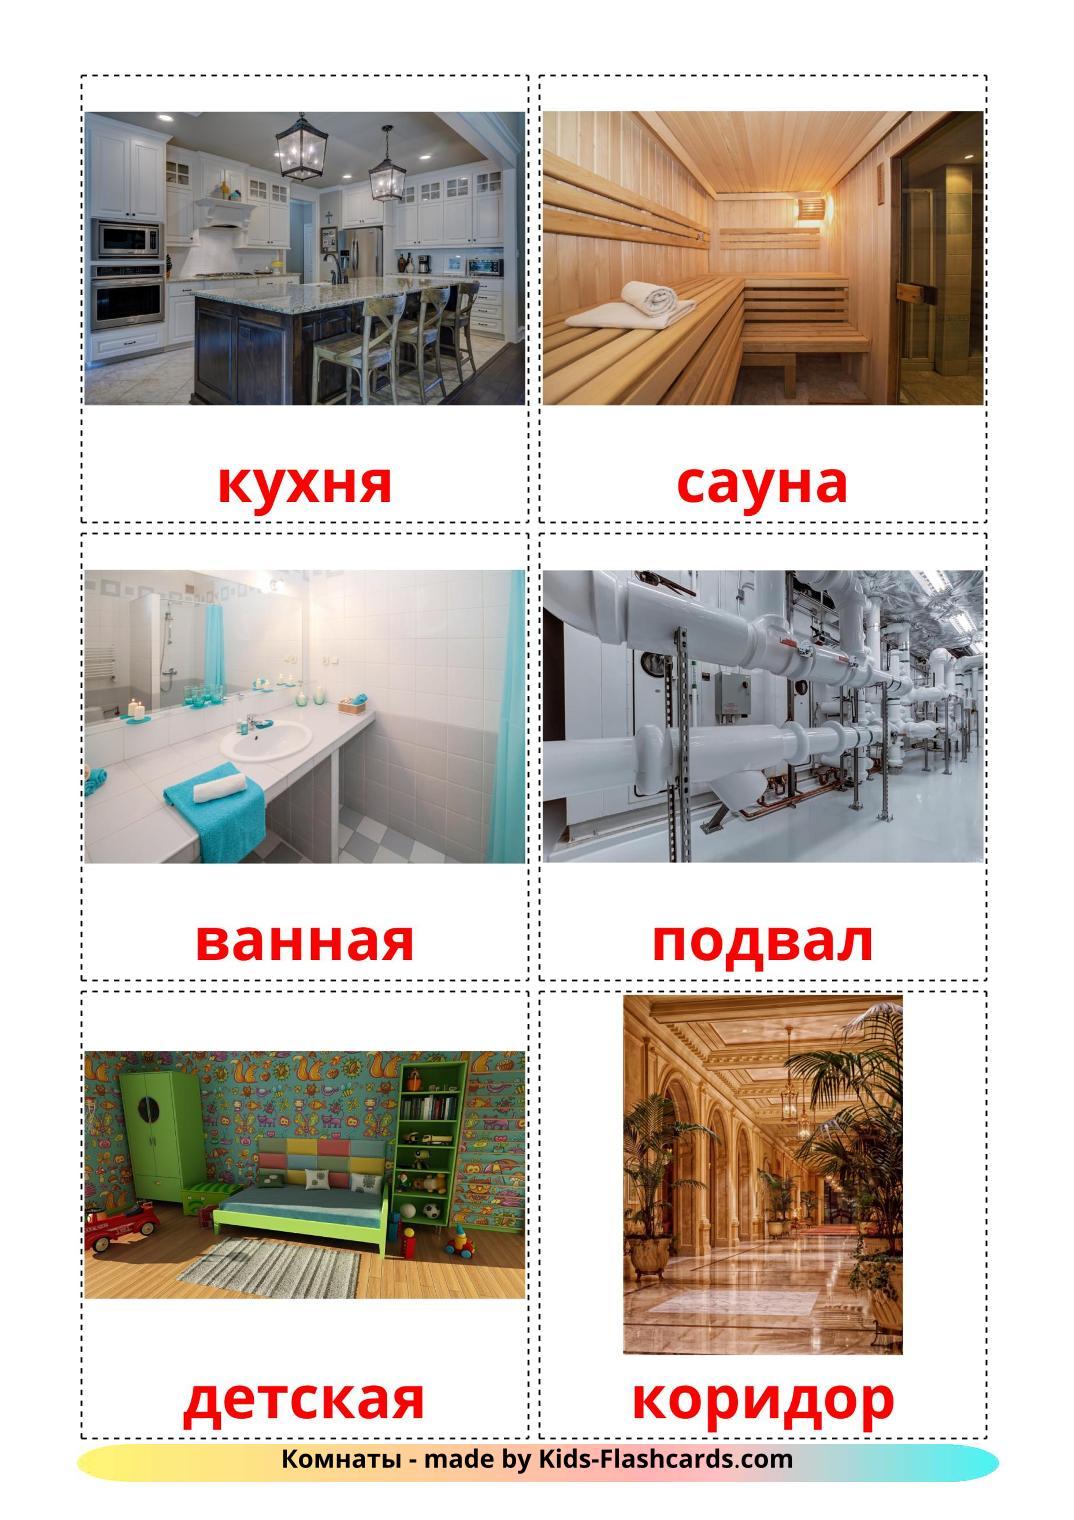 Комнаты - 17 Карточек Домана на русском